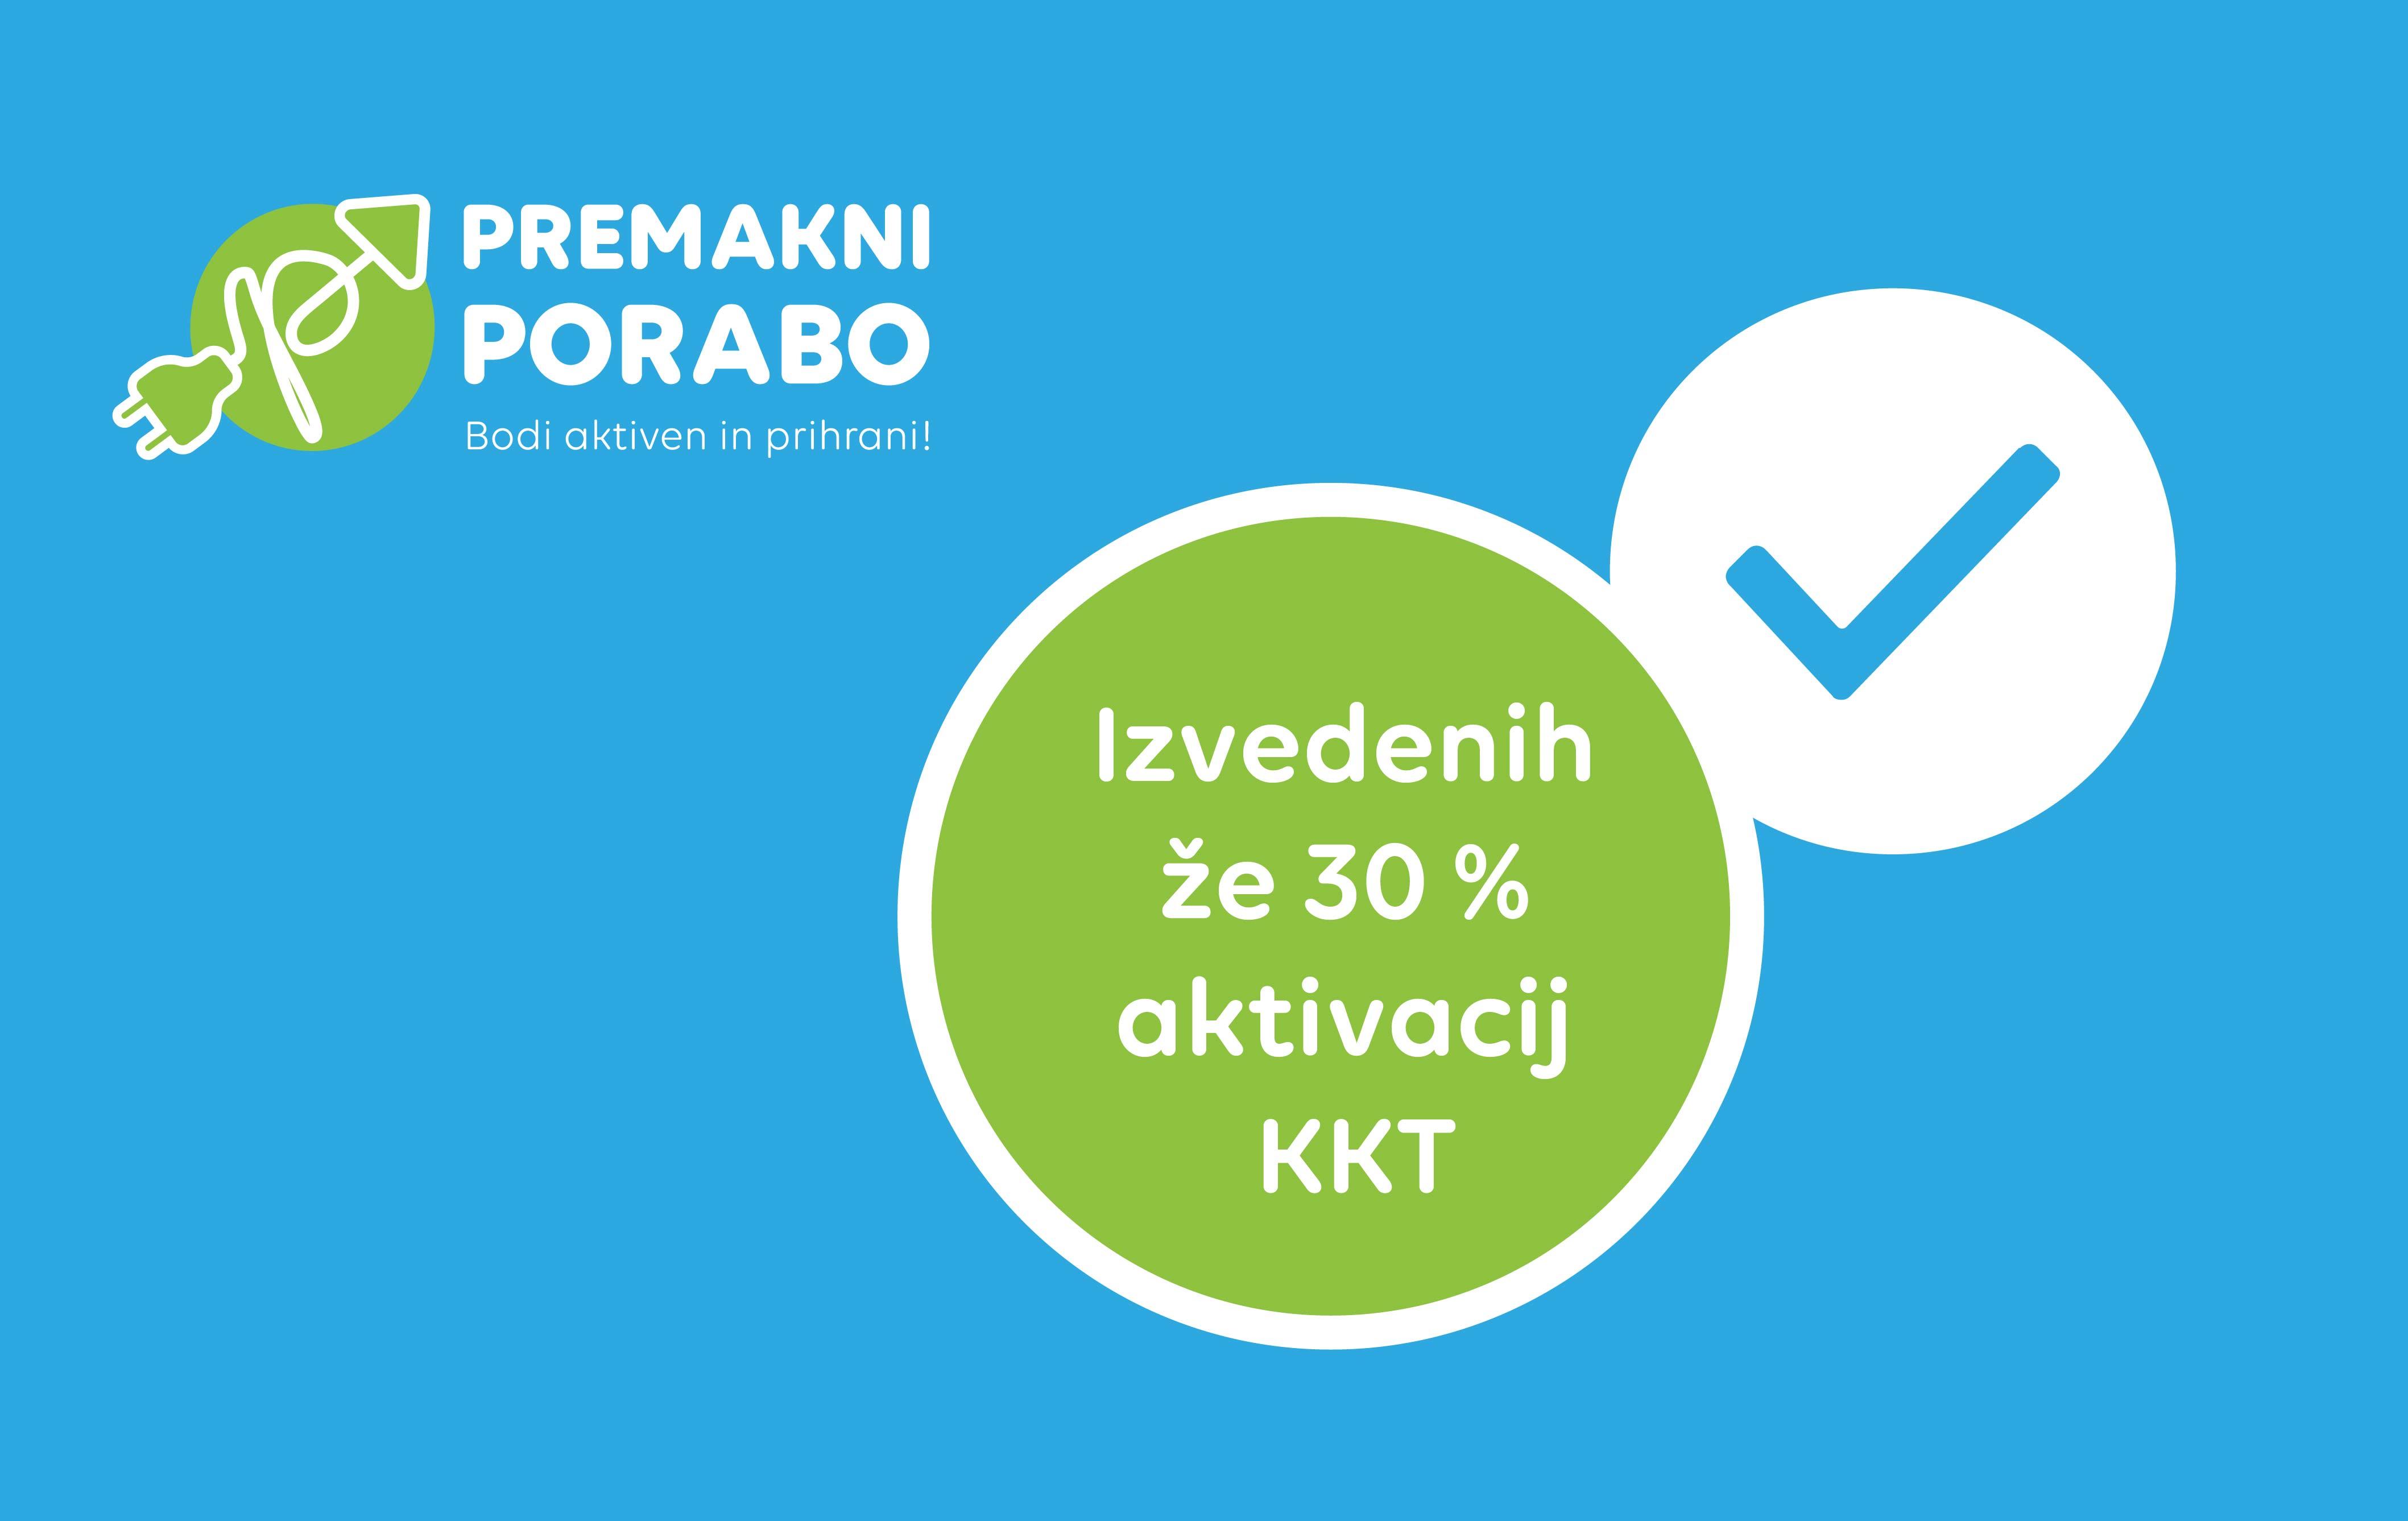 V projektu Premakni porabo izvedenih že 30 % vseh aktivacij kritične konične tarife (KKT)